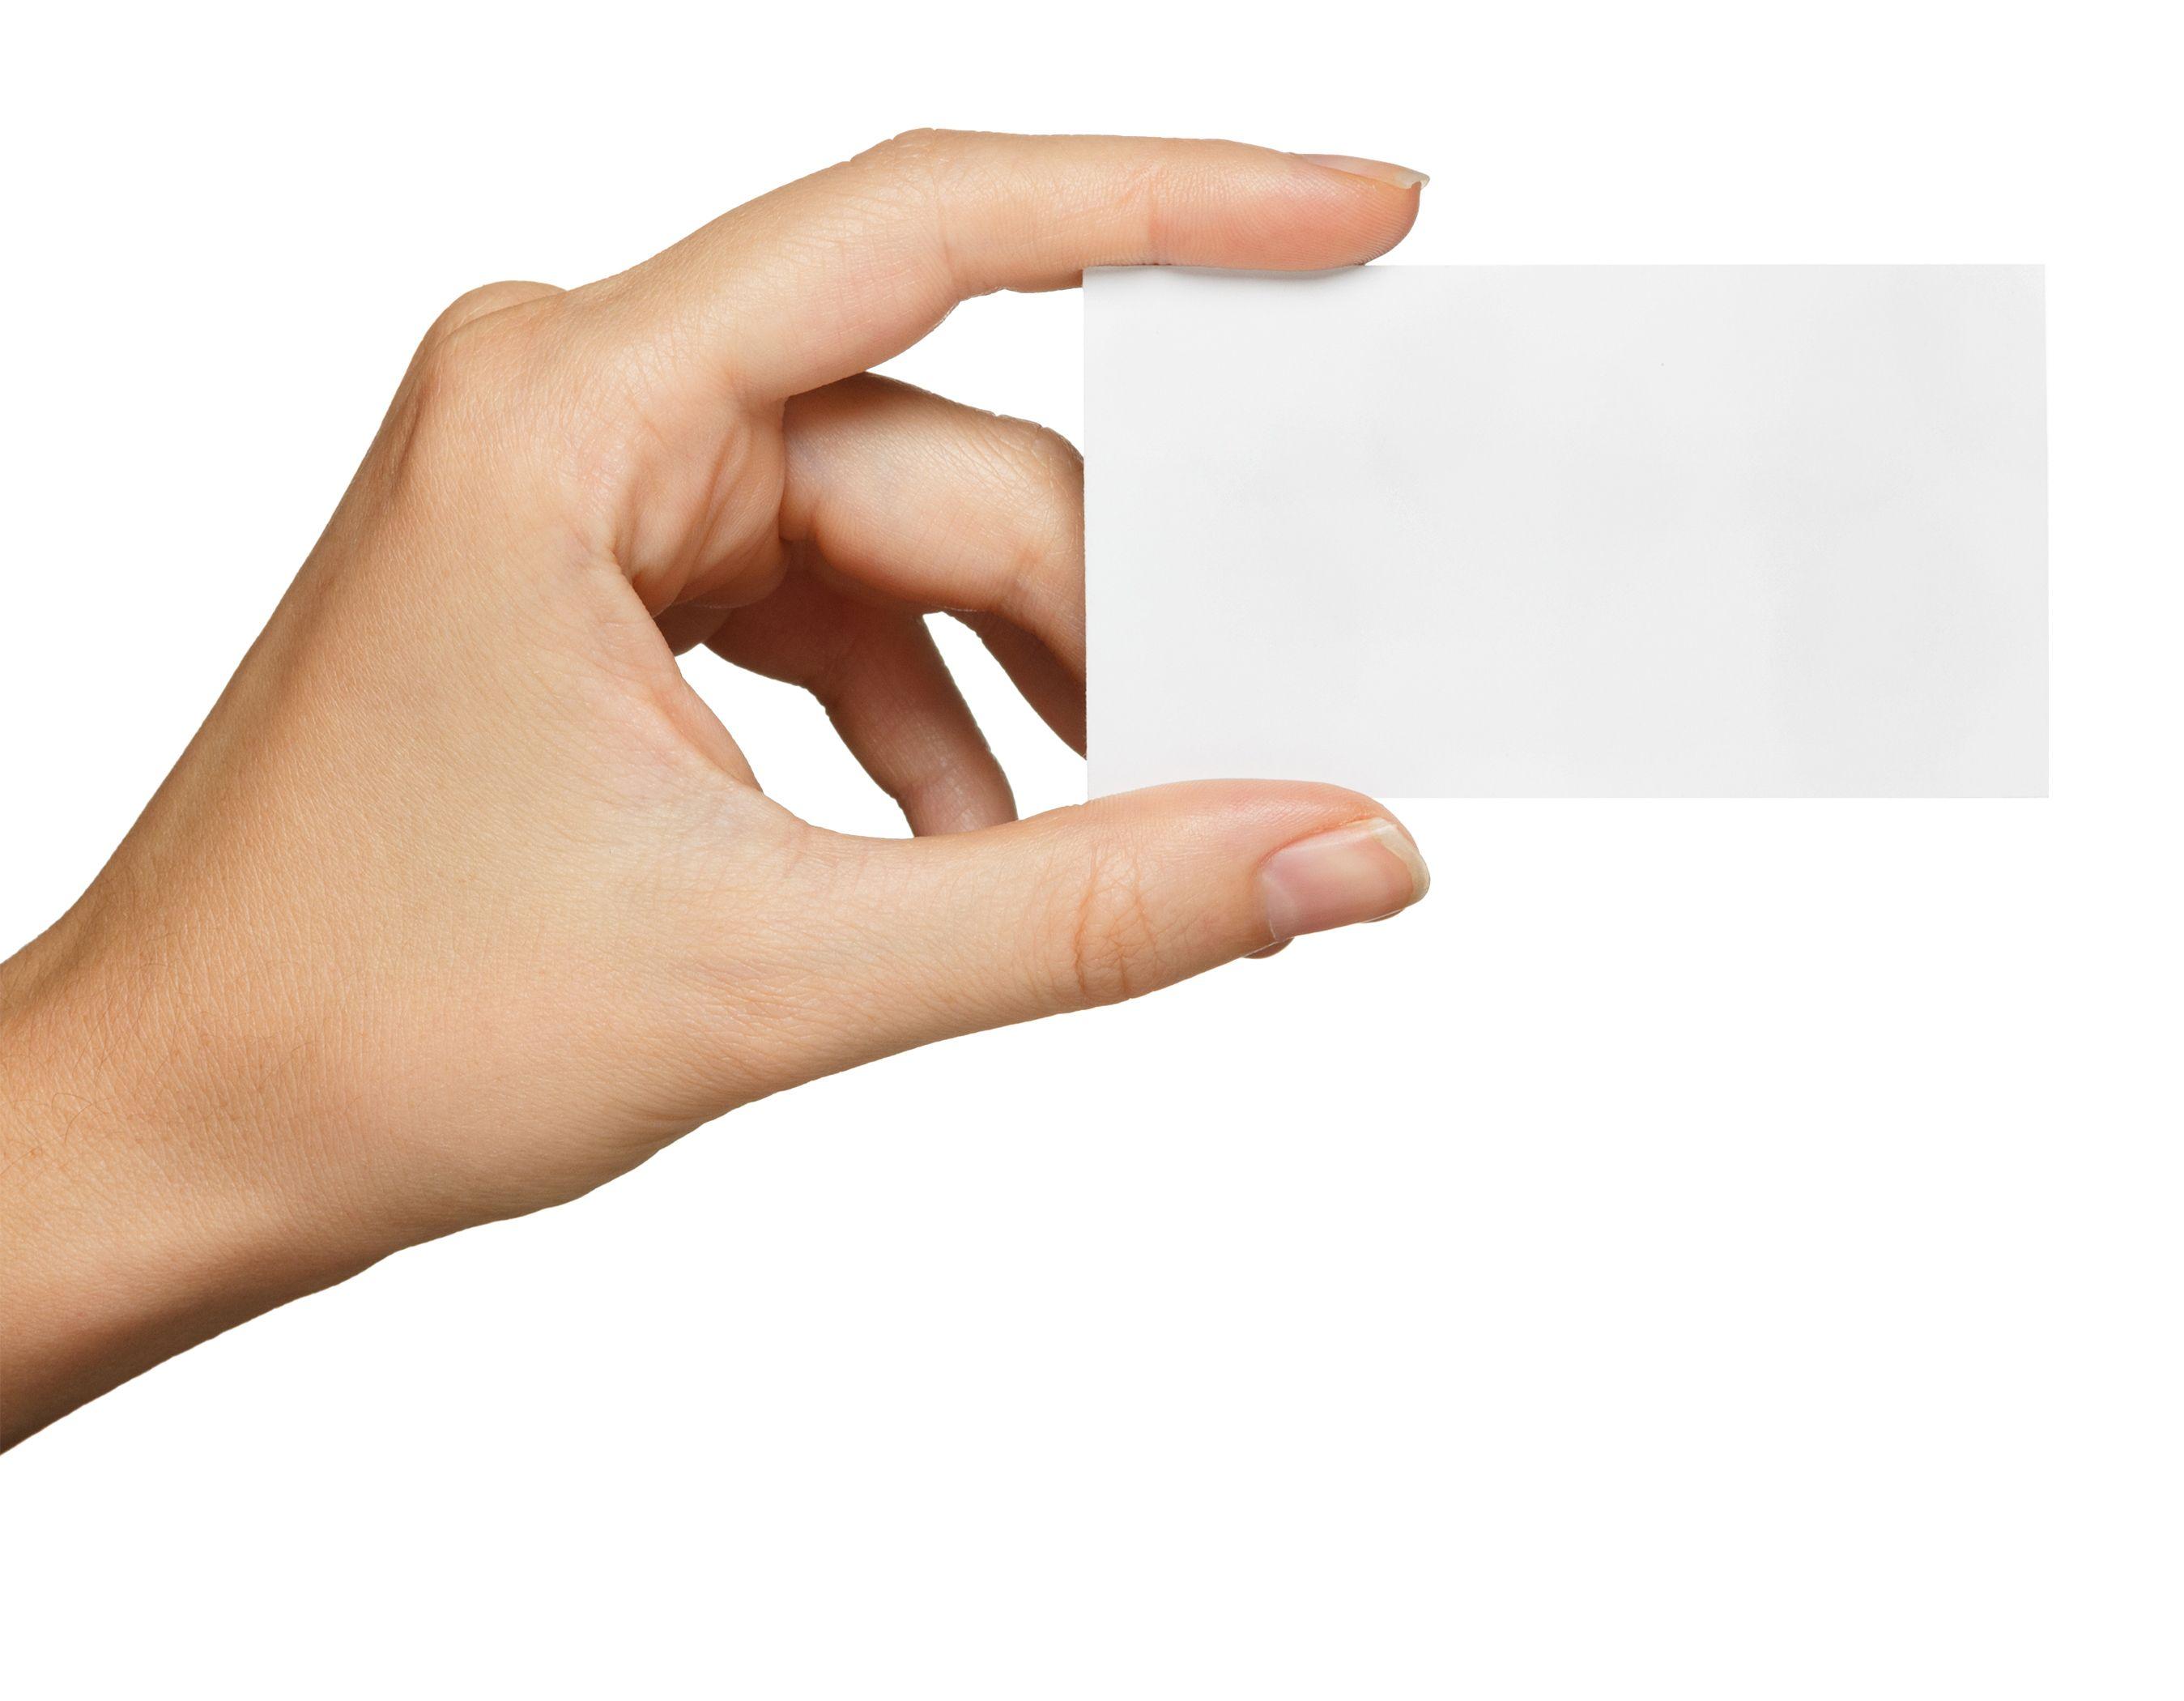 """http://www.mediadeus.fi/kayntikortti-digitaalisesti-vai-perinteisesti/ - Käyntikortti - digitaalisesti vai perinteisesti?  Käyntikortti on yrityksen yhteystietojen levittämiseen tarkoitettu, Suomessa tavallisimmilta mitoiltaan 90 mm x 50 mm oleva """"kartonkiläpyskä"""". Käyntikortissa useimmiten on painettuna myös yhtiön logo ja se on tärkeä osa koko yritysilmettä."""